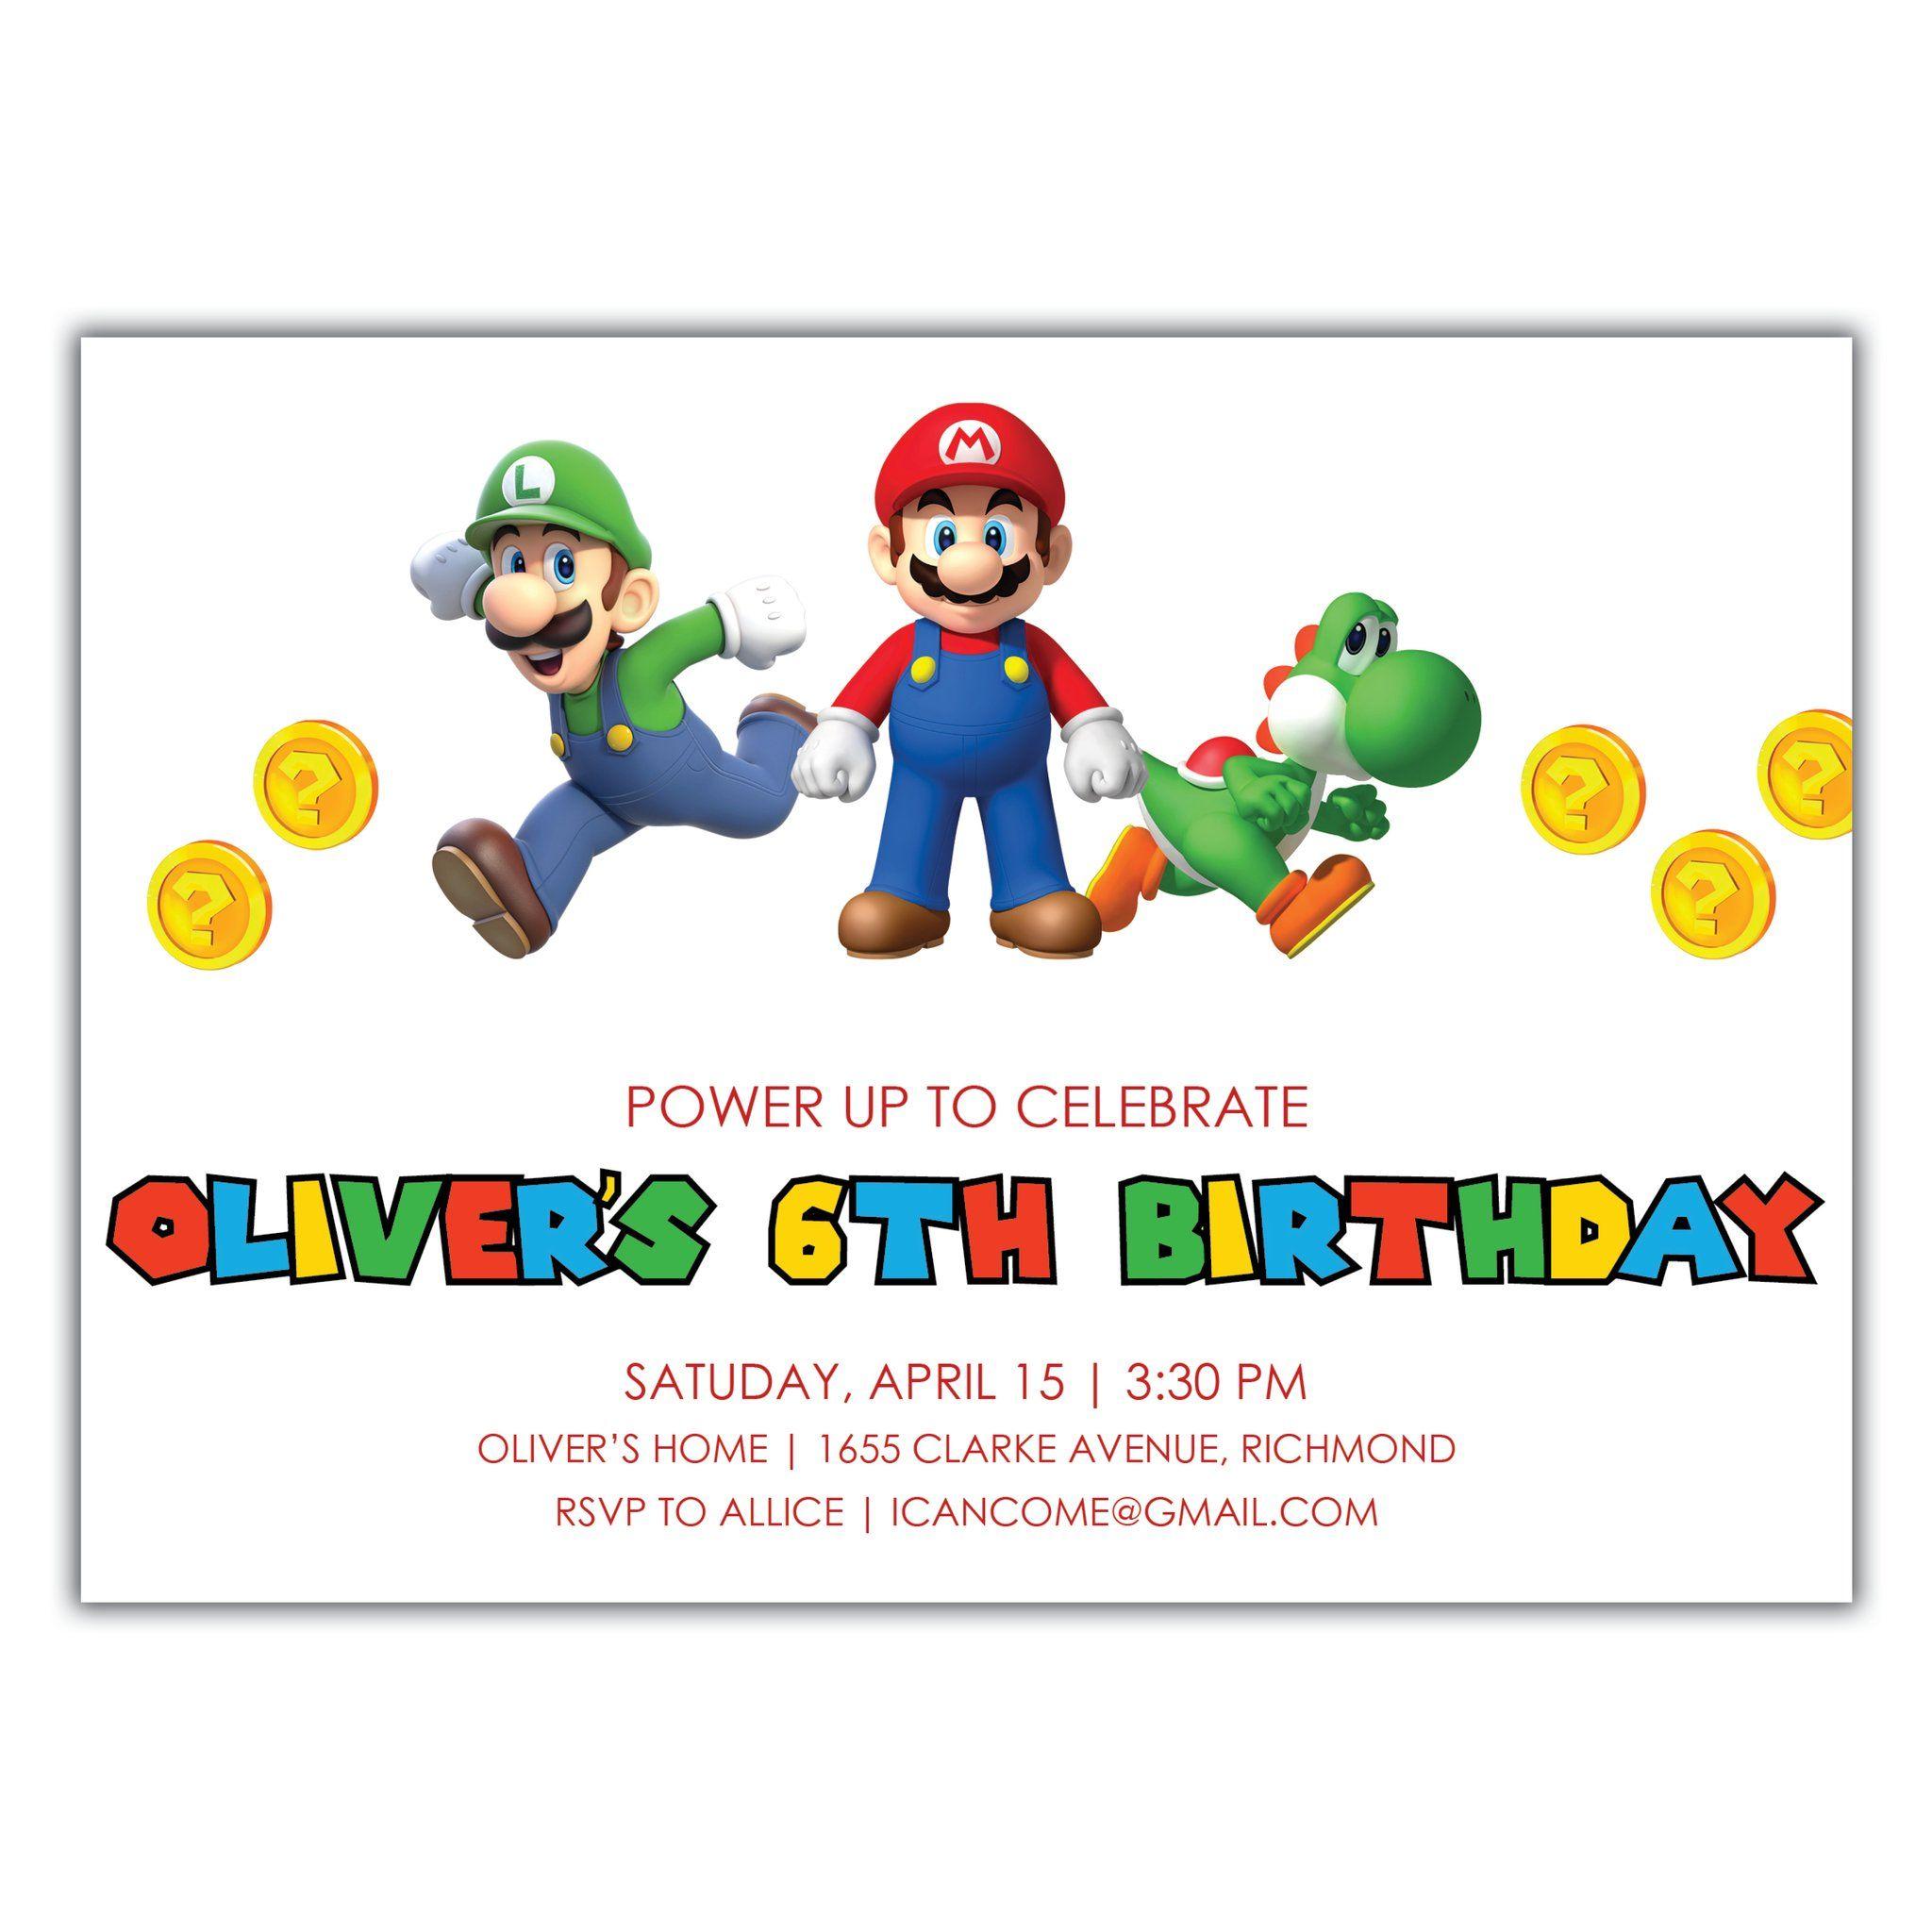 Children's Birthday Invitations in 2020 Boy birthday